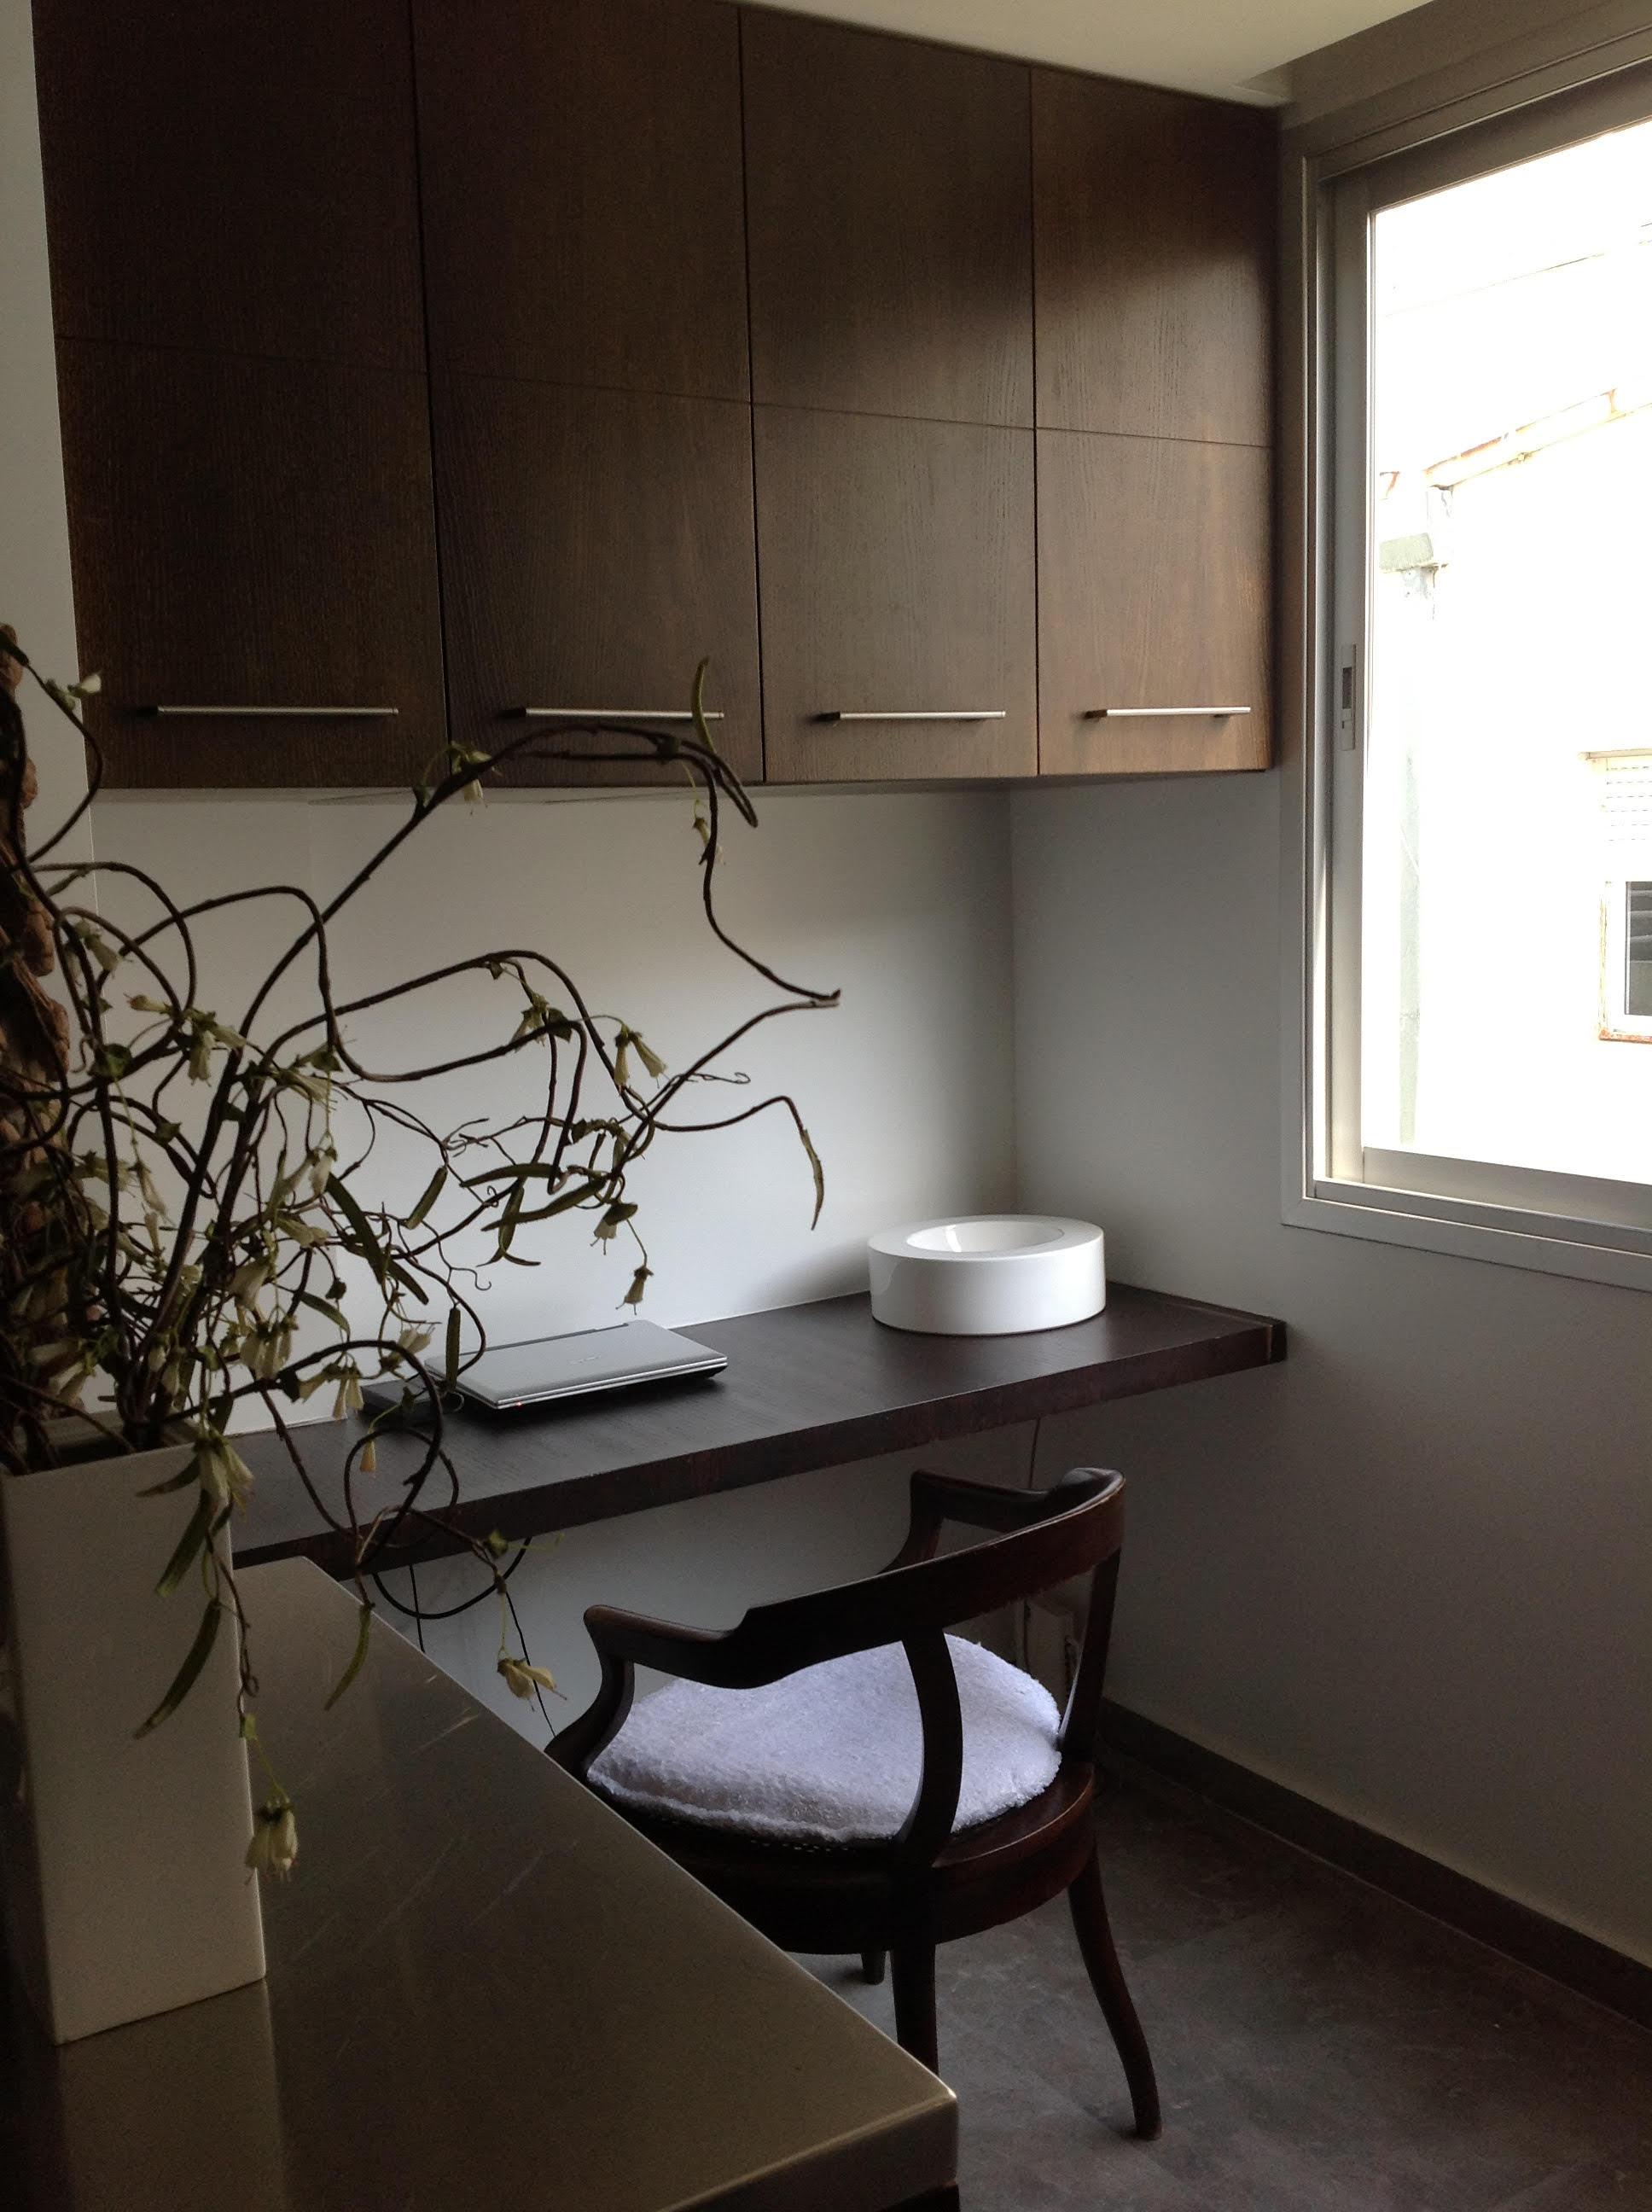 דירה במרכז תל-אביב - פינת עבודה